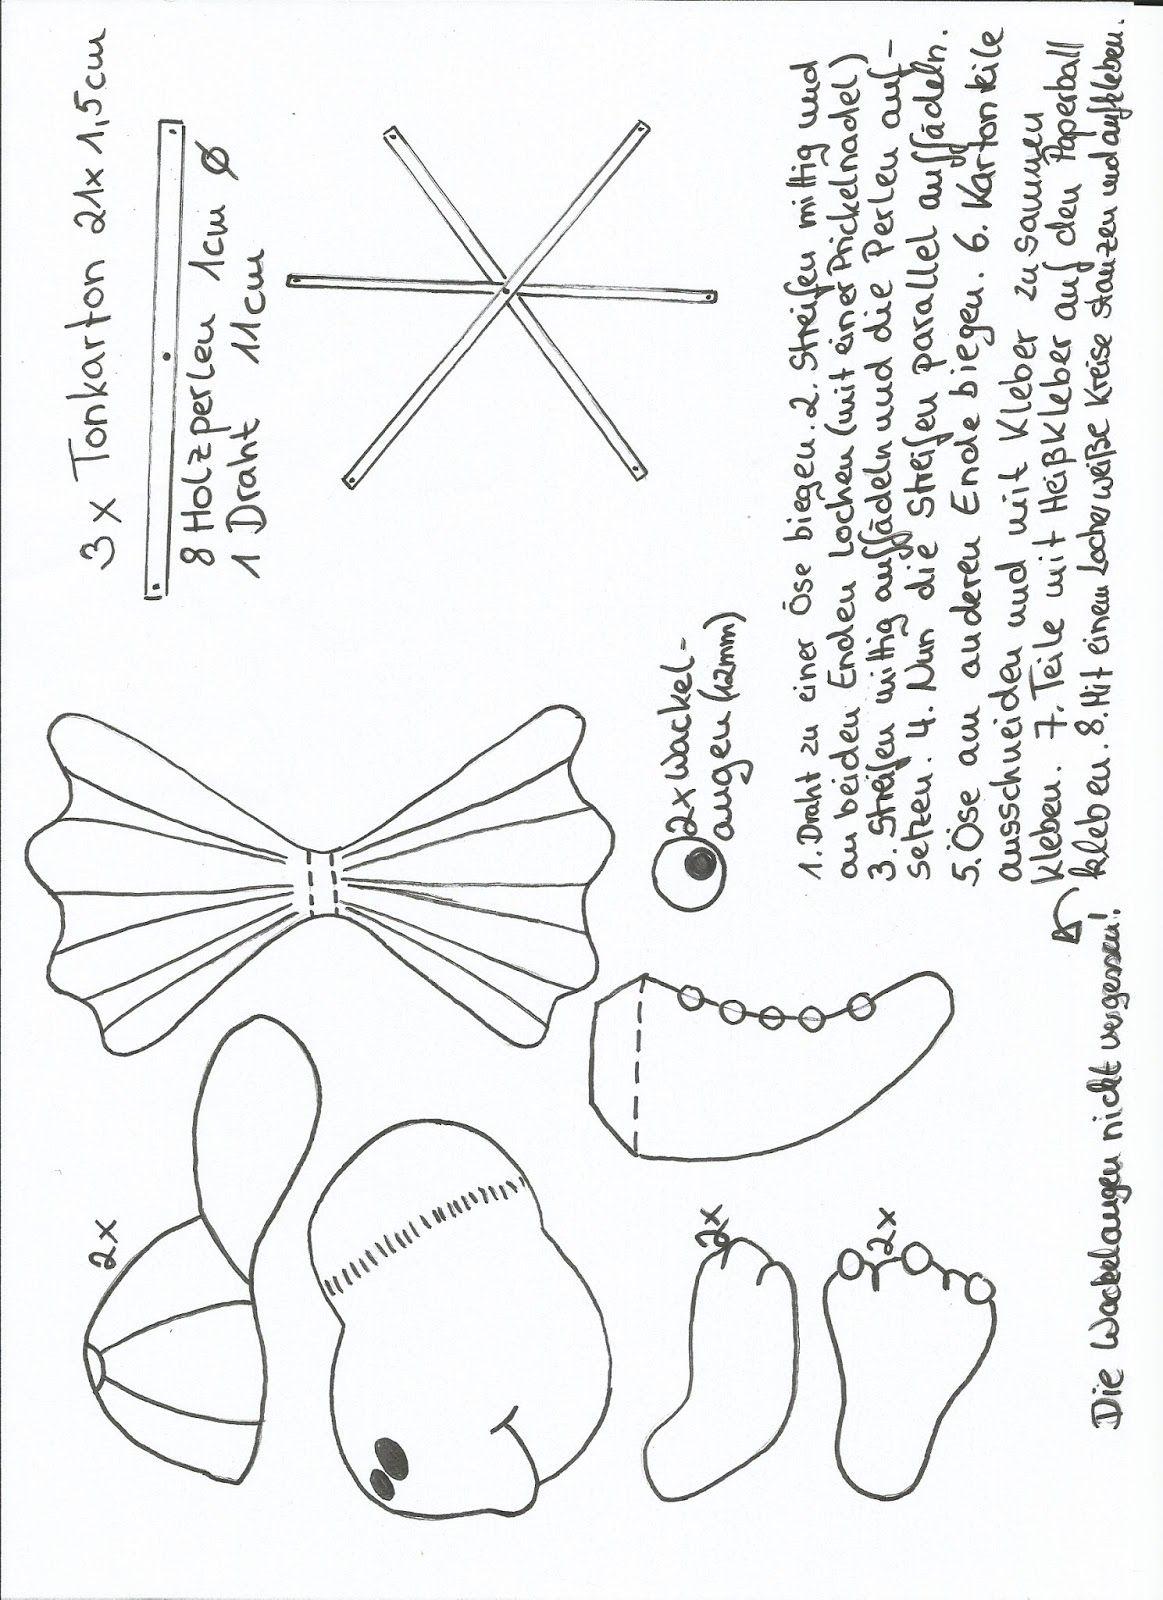 selbstgemacht by Mirka: Der Kleine Drache Kokosnuss Paperball